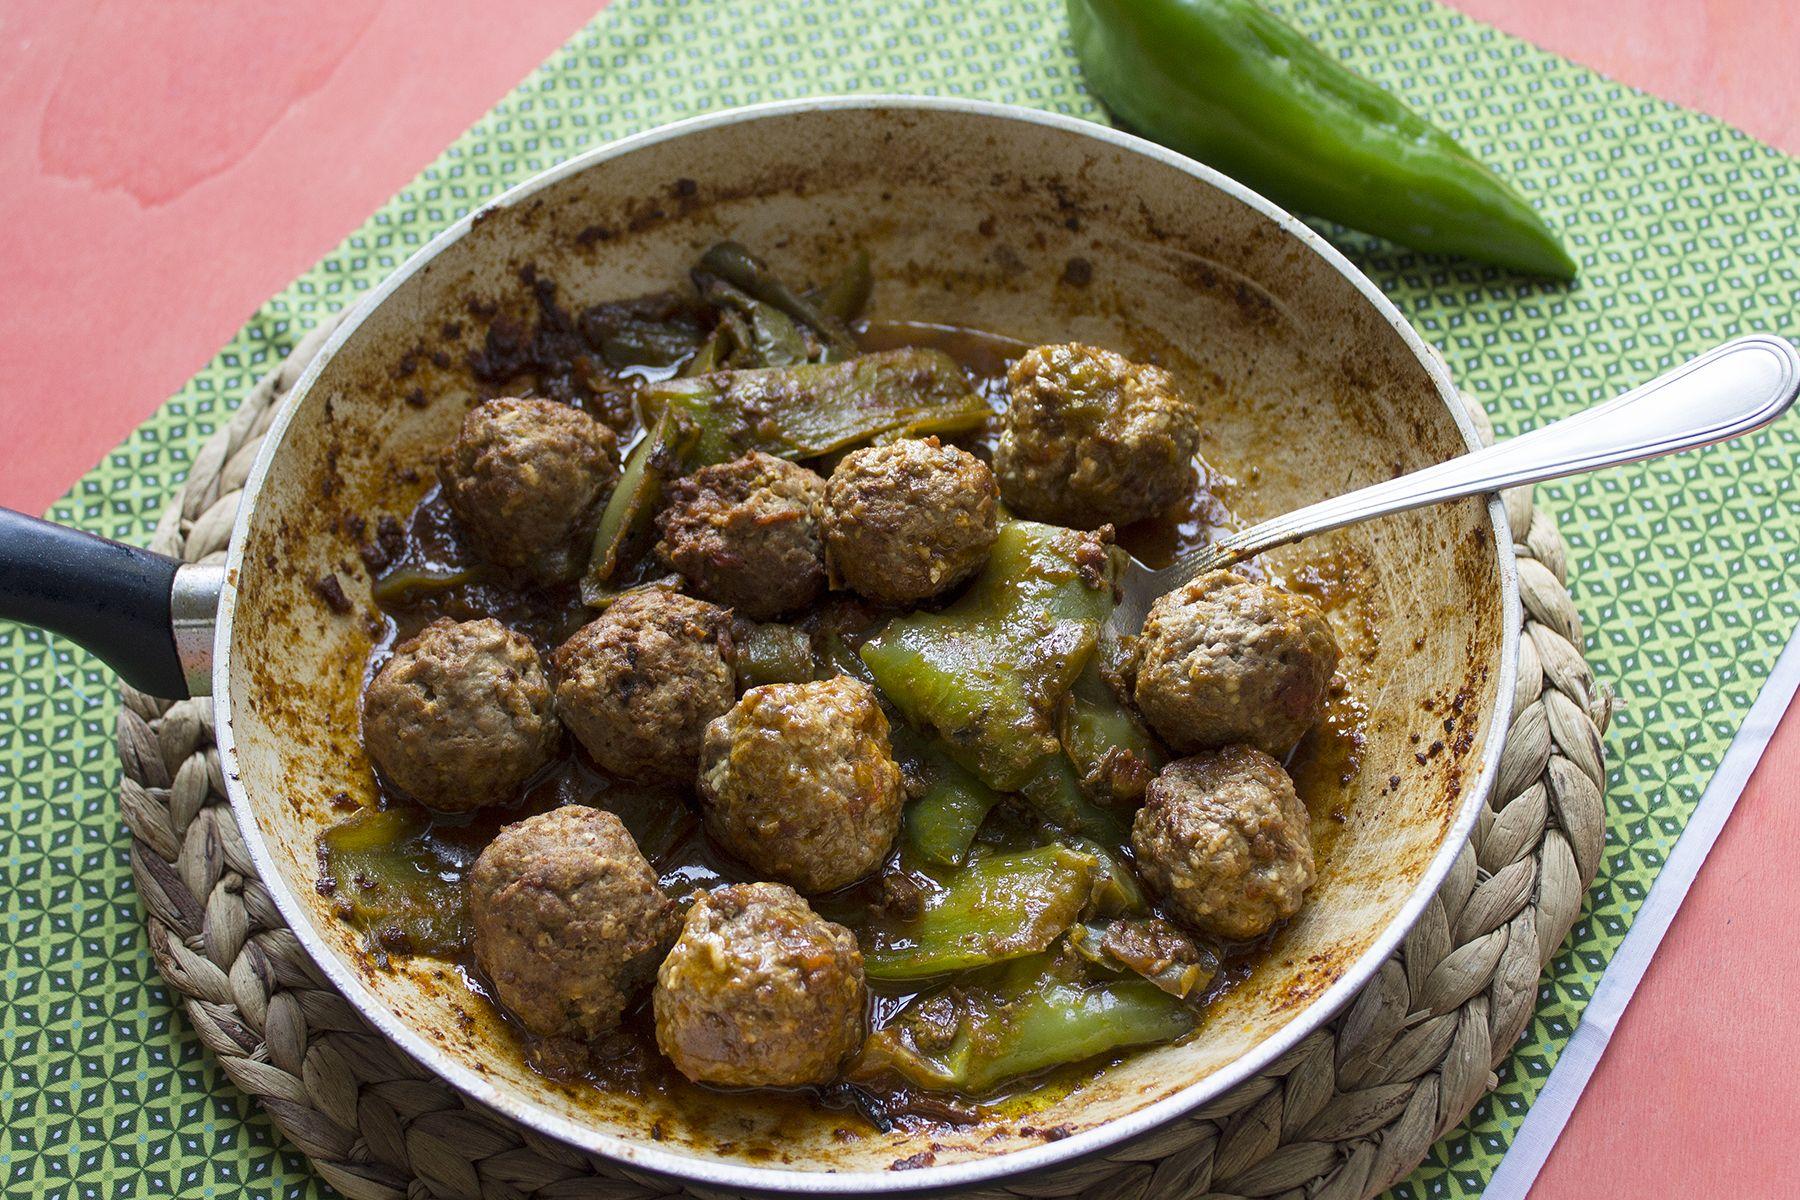 Polpette di carne al sugo rosso con peperoni verdi